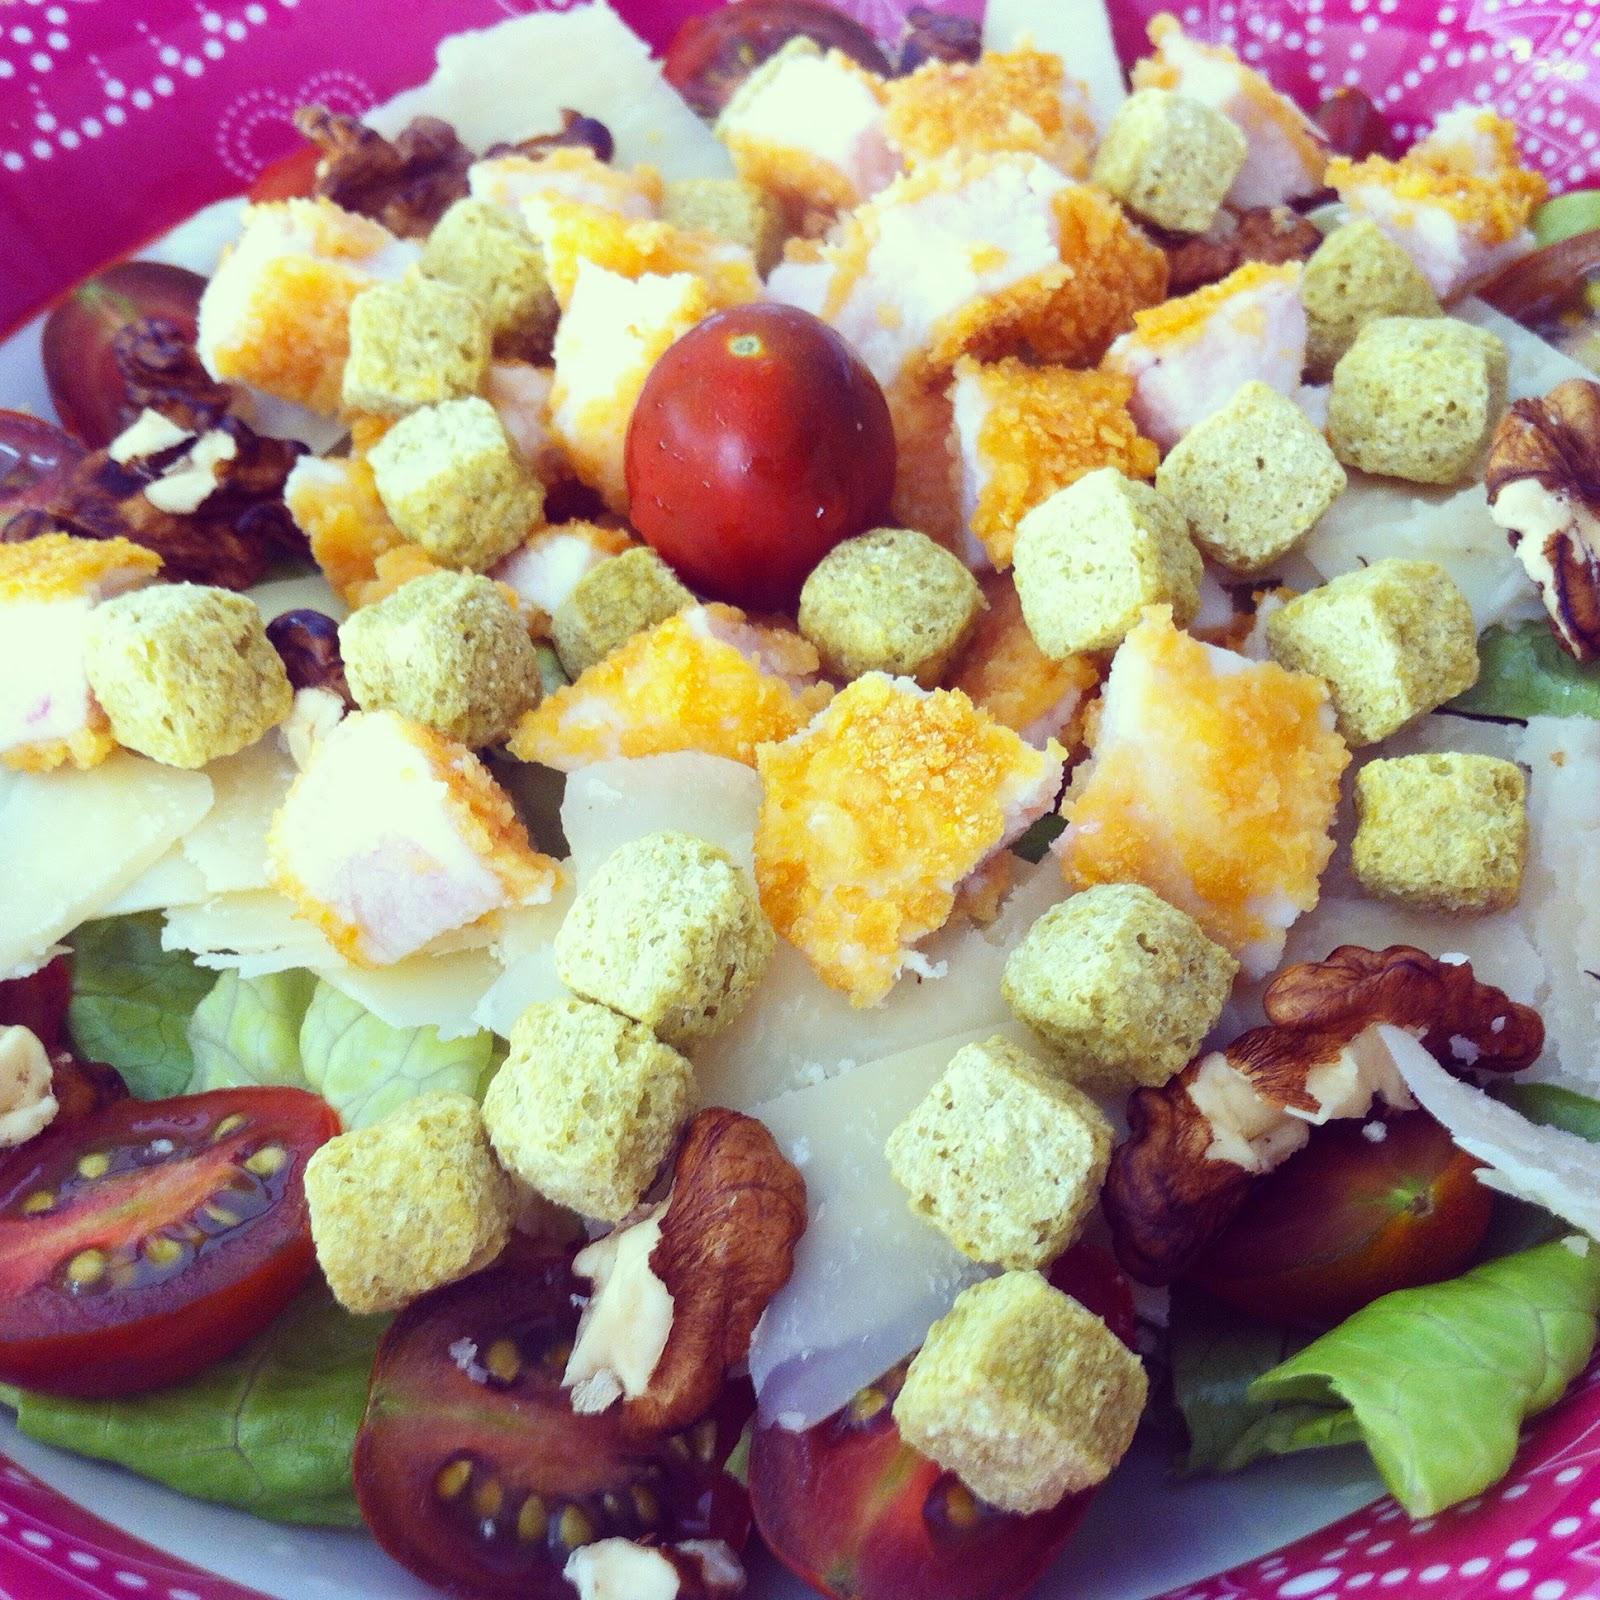 Ensalada de pollo crujiente sin gluten, añadiendo pollo y picatostes.